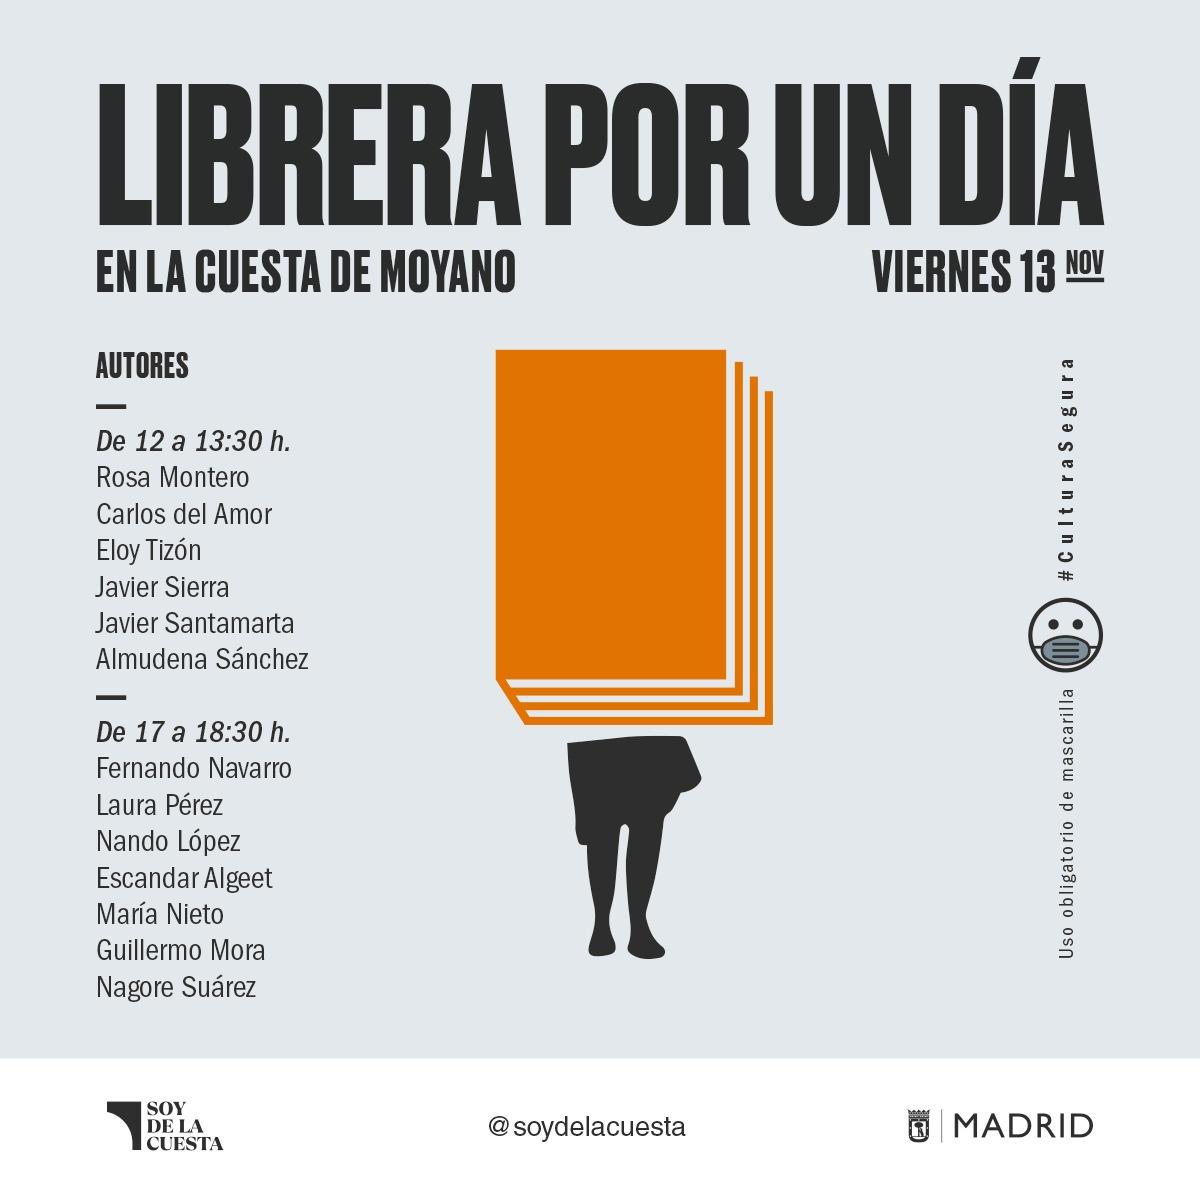 Escritores y artistas serán libreros por un día en la Cuesta de Moyano